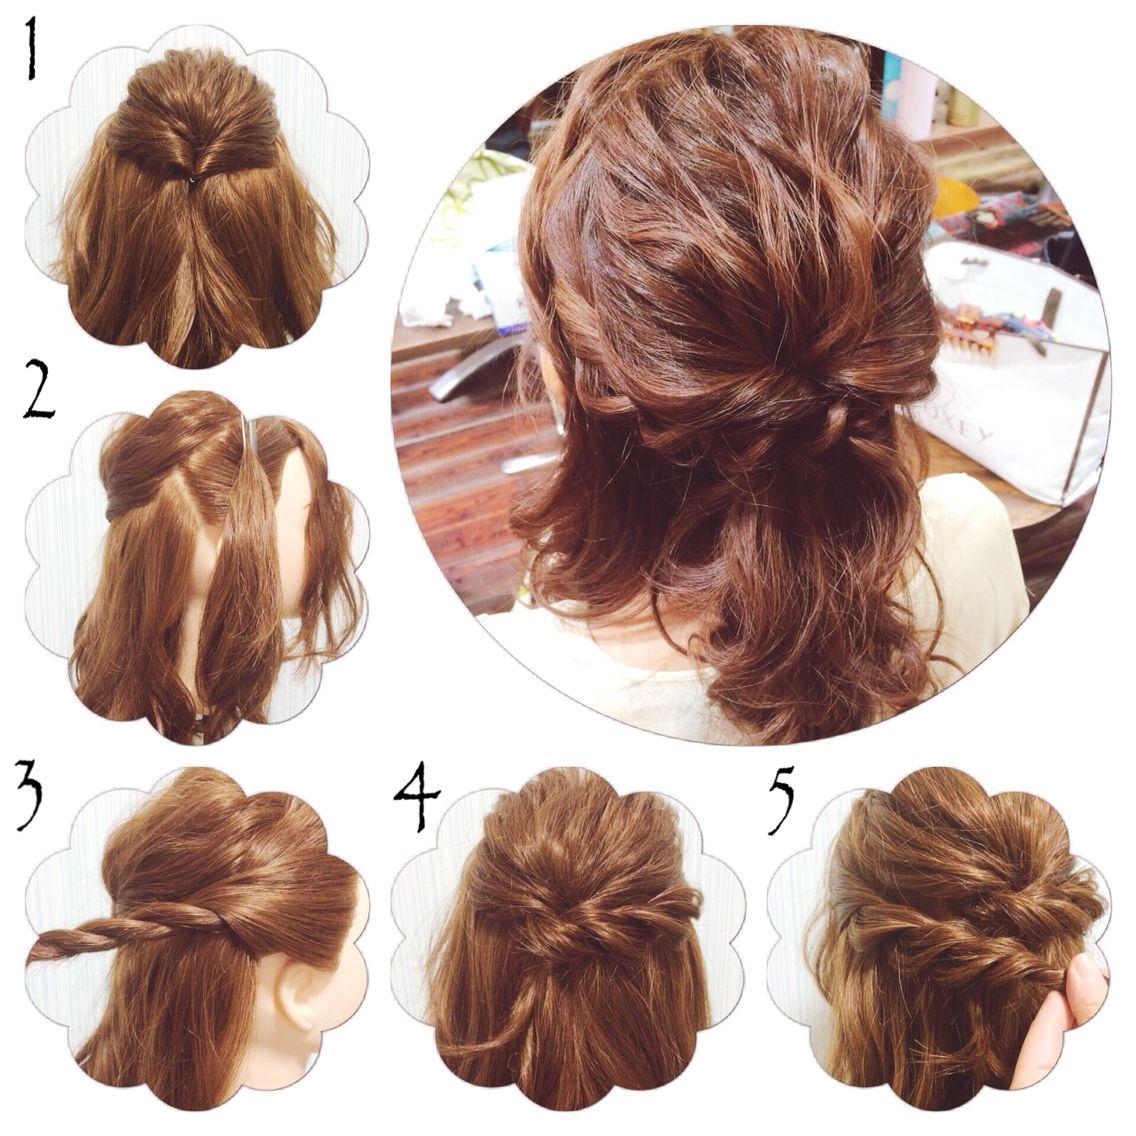 ヘアアレンジ やり方 ハーフアップ Hair Hairdo Arrange